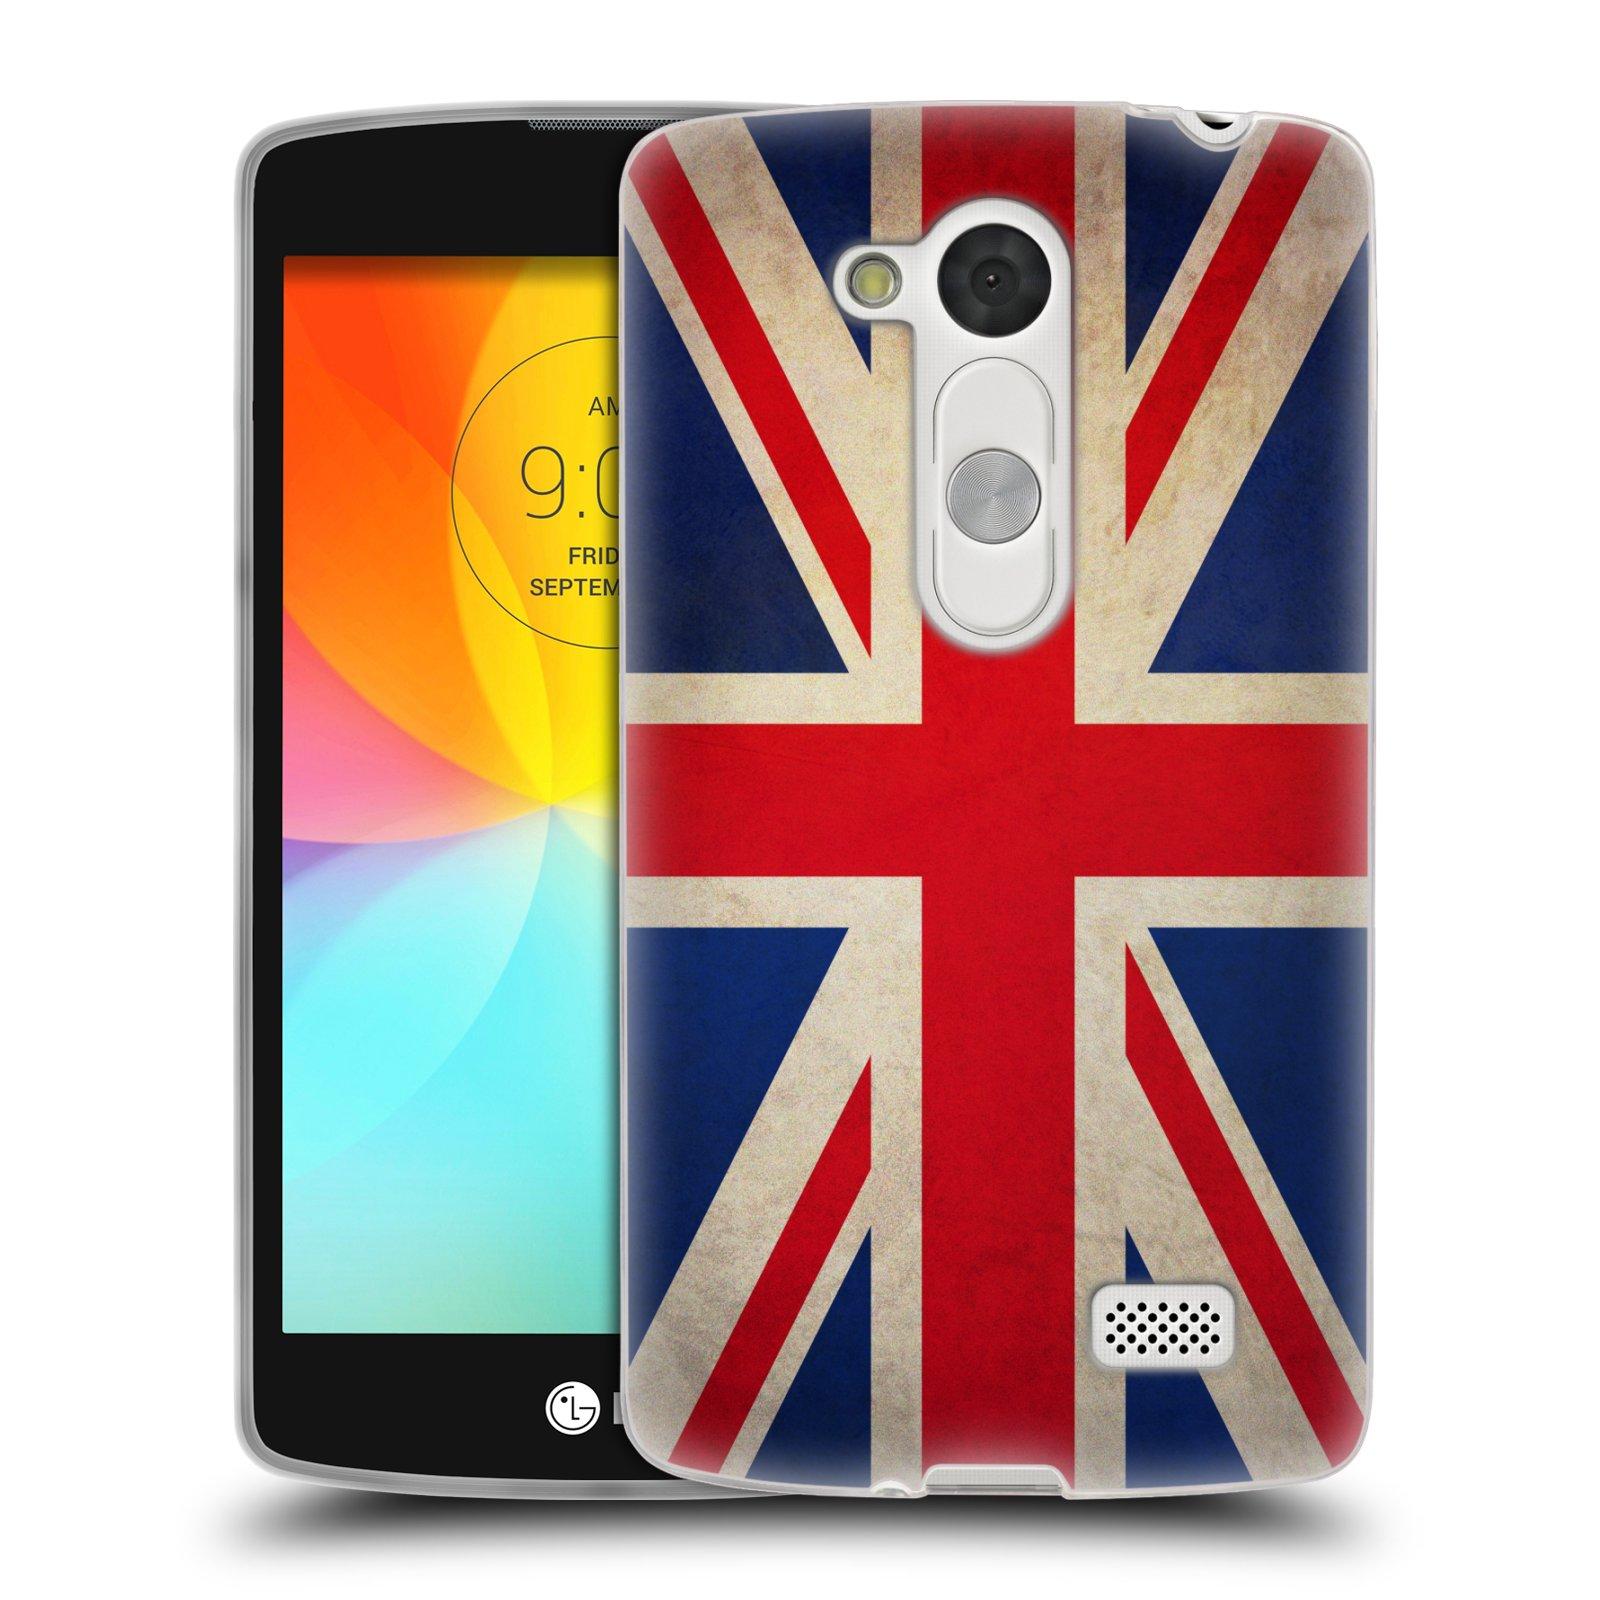 HEAD CASE silikonový obal na mobil LG L Fino D290n / LG L Fino Dual D295 vzor VINTAGE VLAJKY VELKÁ BRITÁNIE